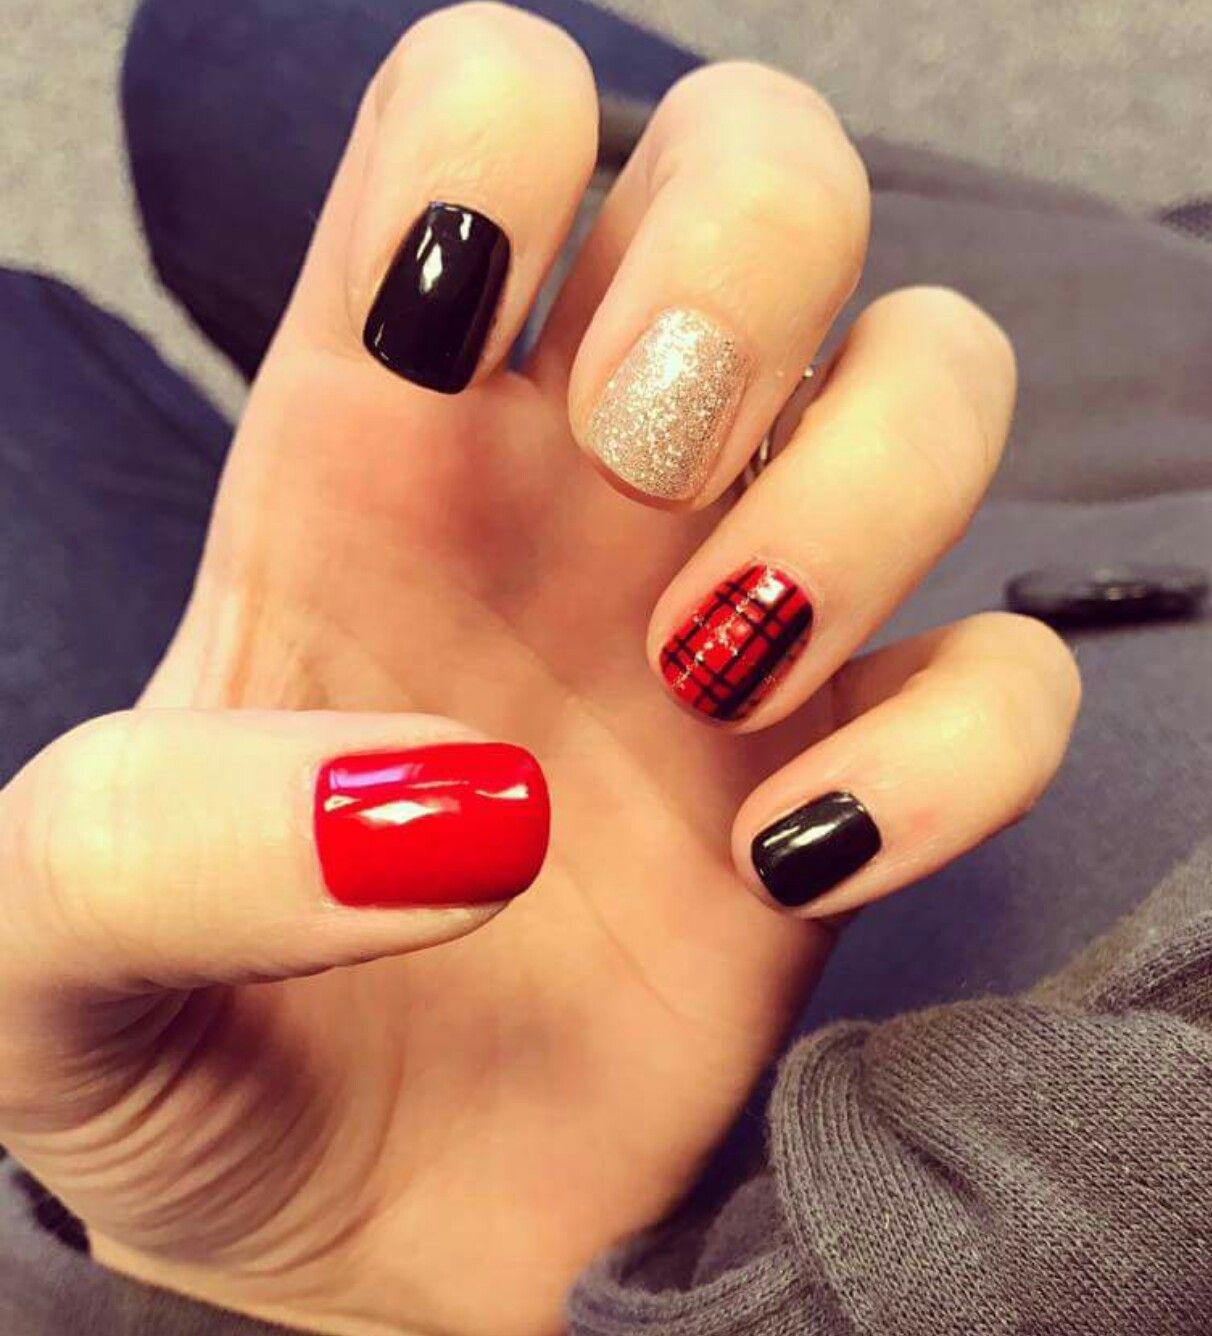 Pin by Amanda Hayes on nails   Pinterest   Plaid nails, Hair makeup ...